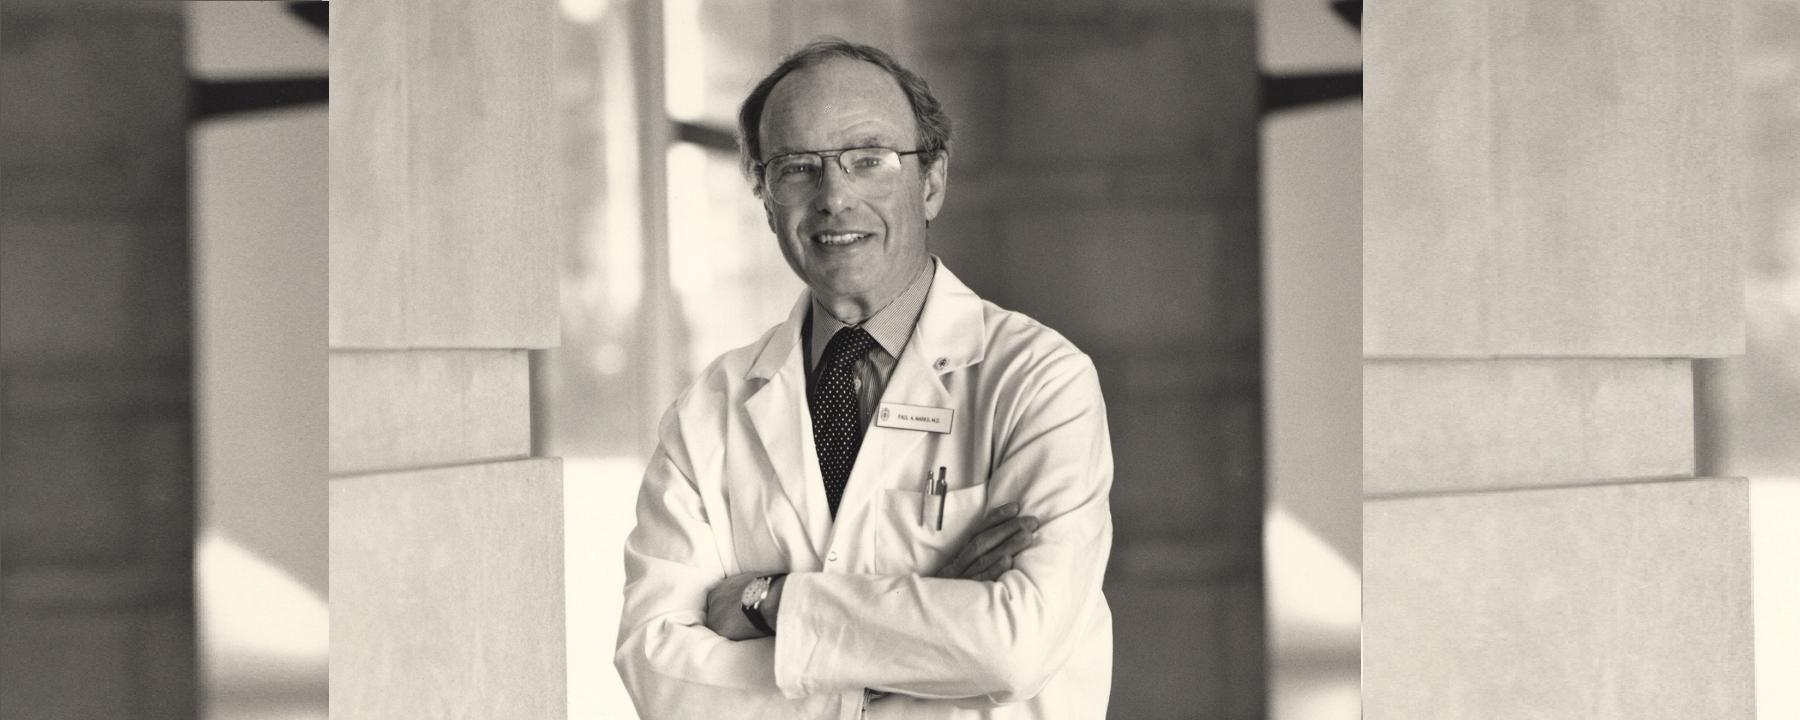 Paul Marks, Past President of MSKCC, Dies